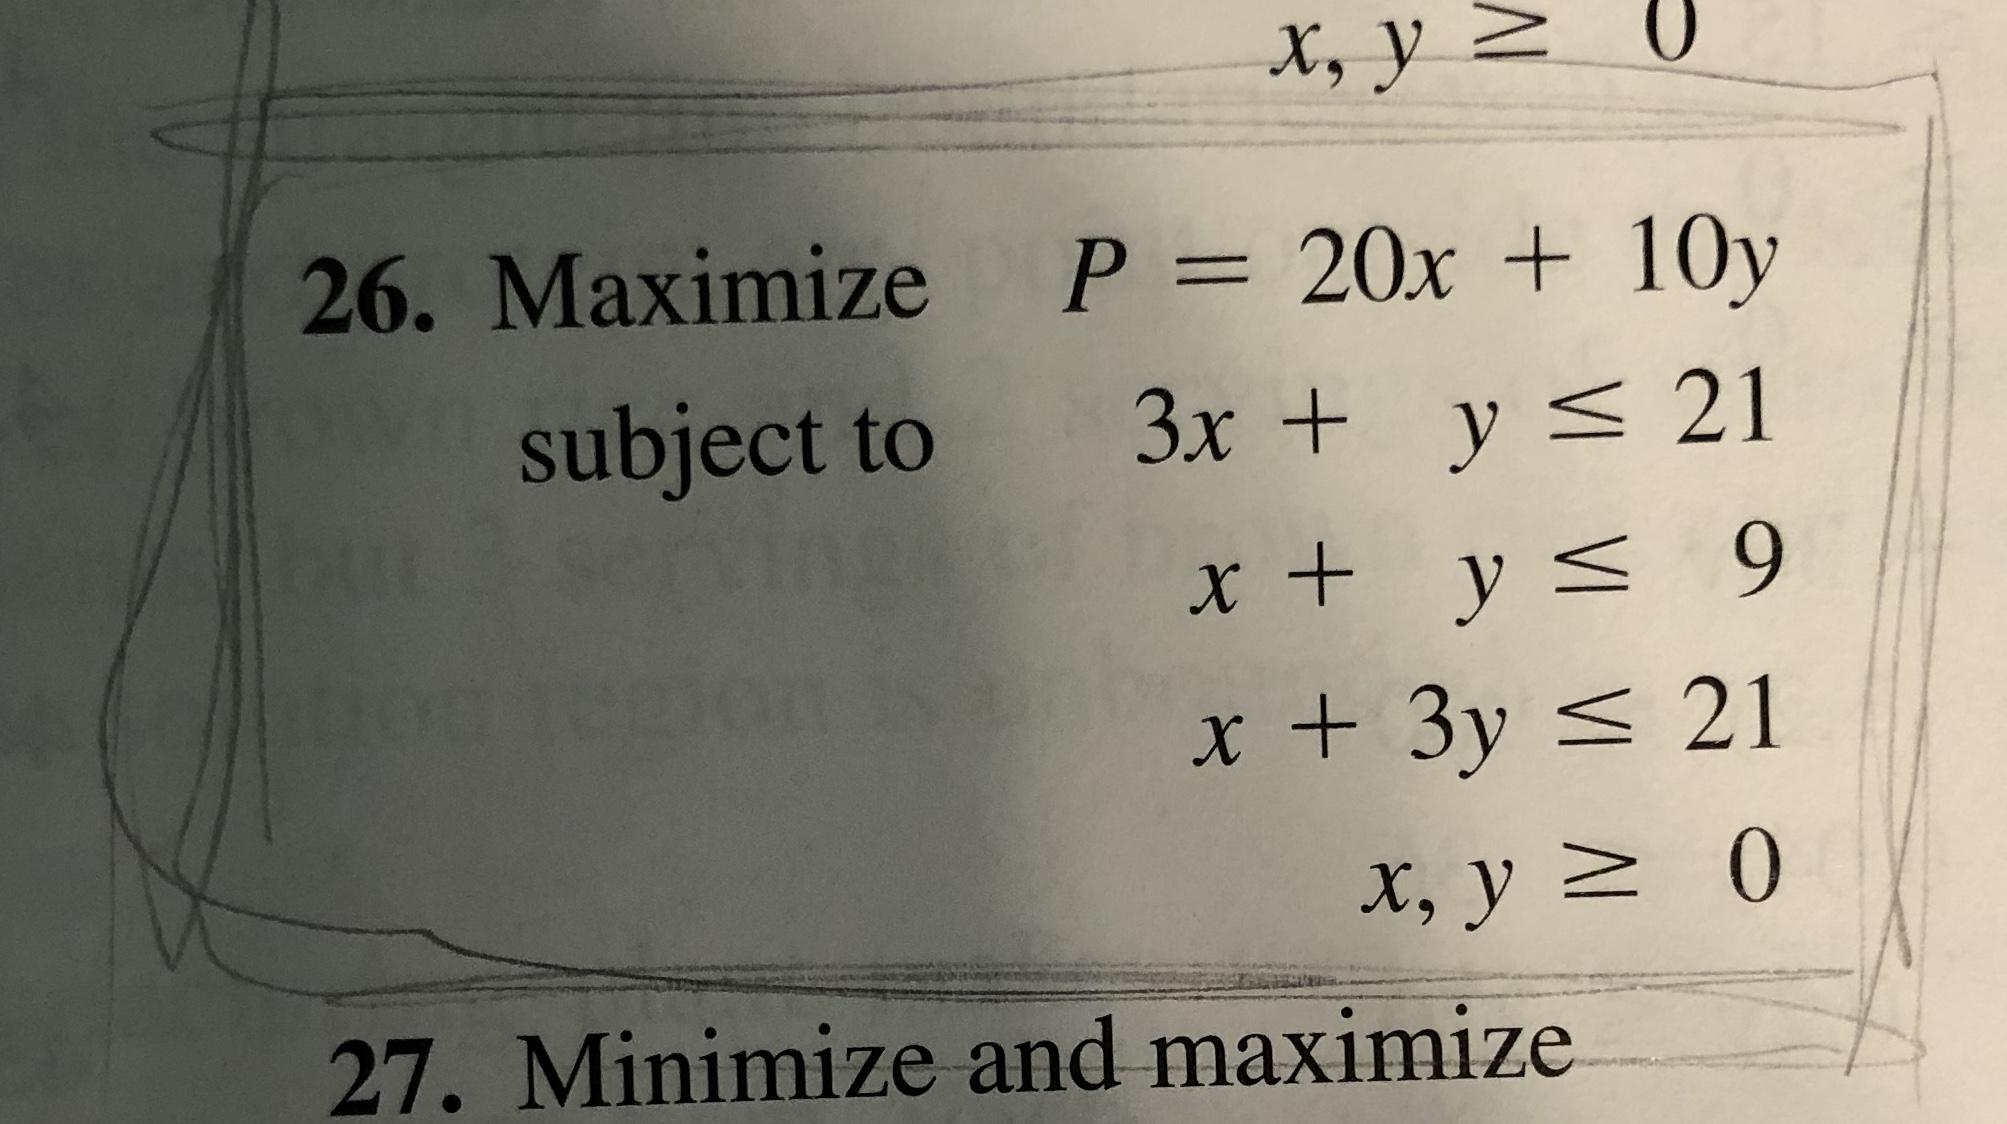 X, y > 26. Маximize Р3D 20х + 10y subject to 3x + y < 21 x + y< 9 x + 3y < 21 X, y 2 0 27. Minimize and maximize